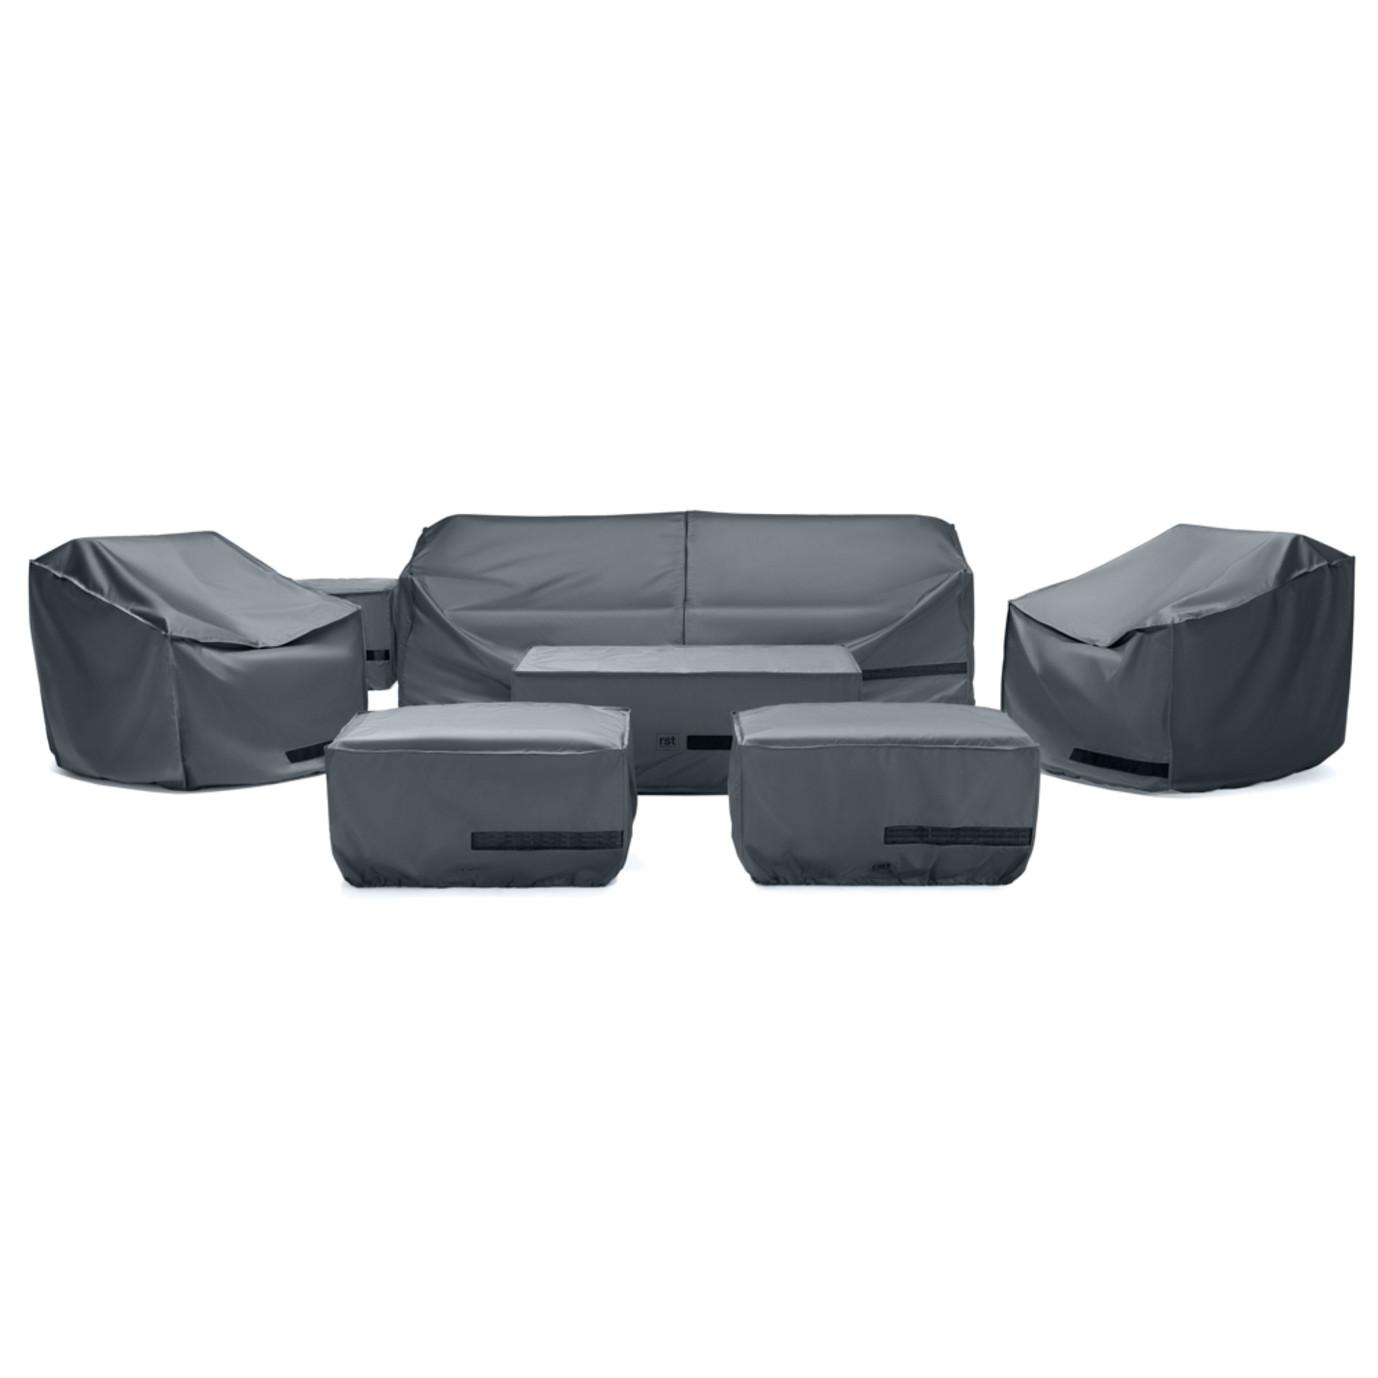 Benson™ 8 Piece Sofa & Club Chair Furniture Cover Set